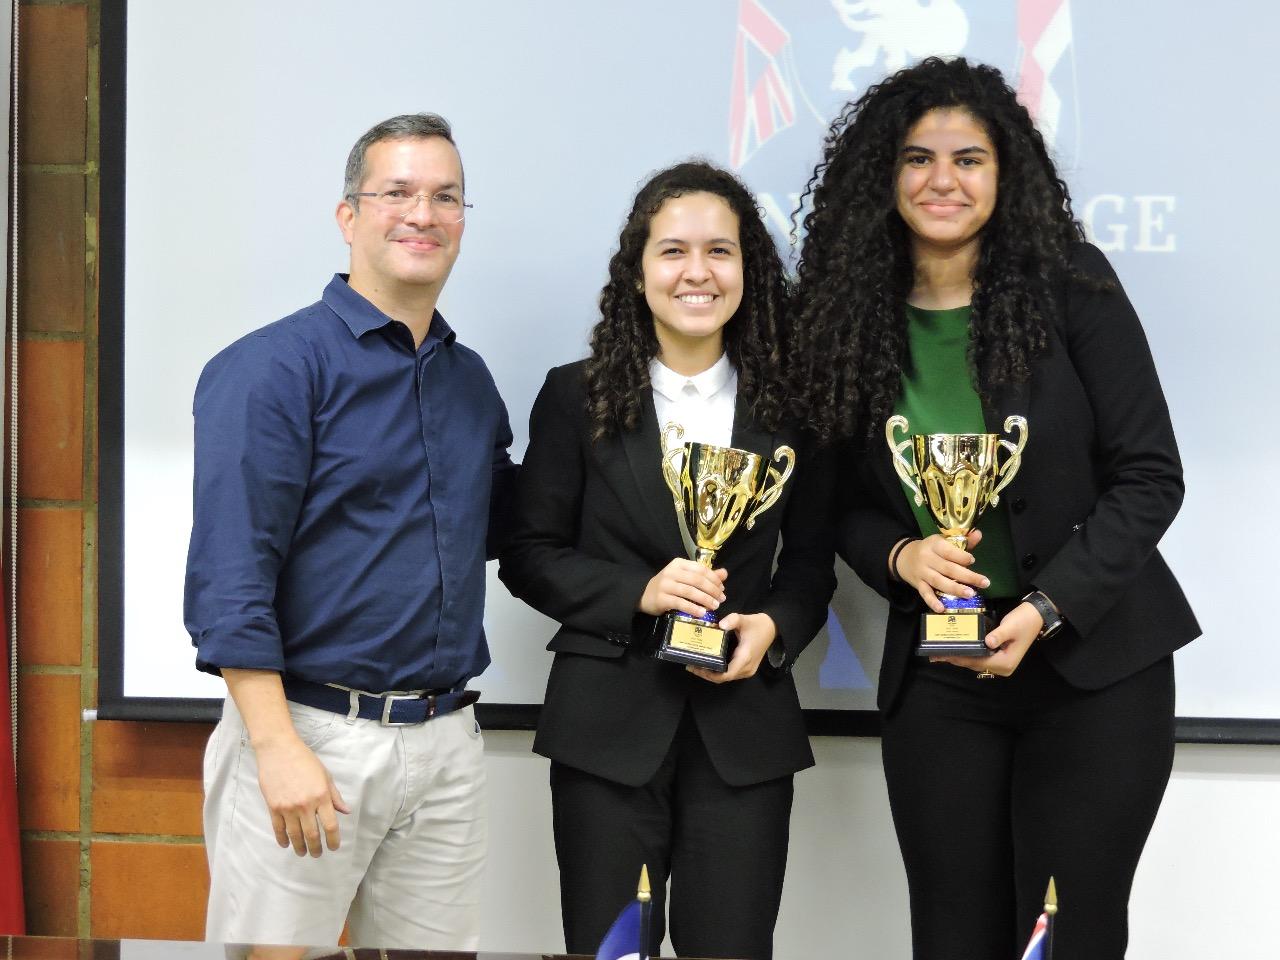 Reynaldo Martínez de DIAR junto a Annabelle Aquino y Ana Hernández, ganadoras categoría Junior Varsity